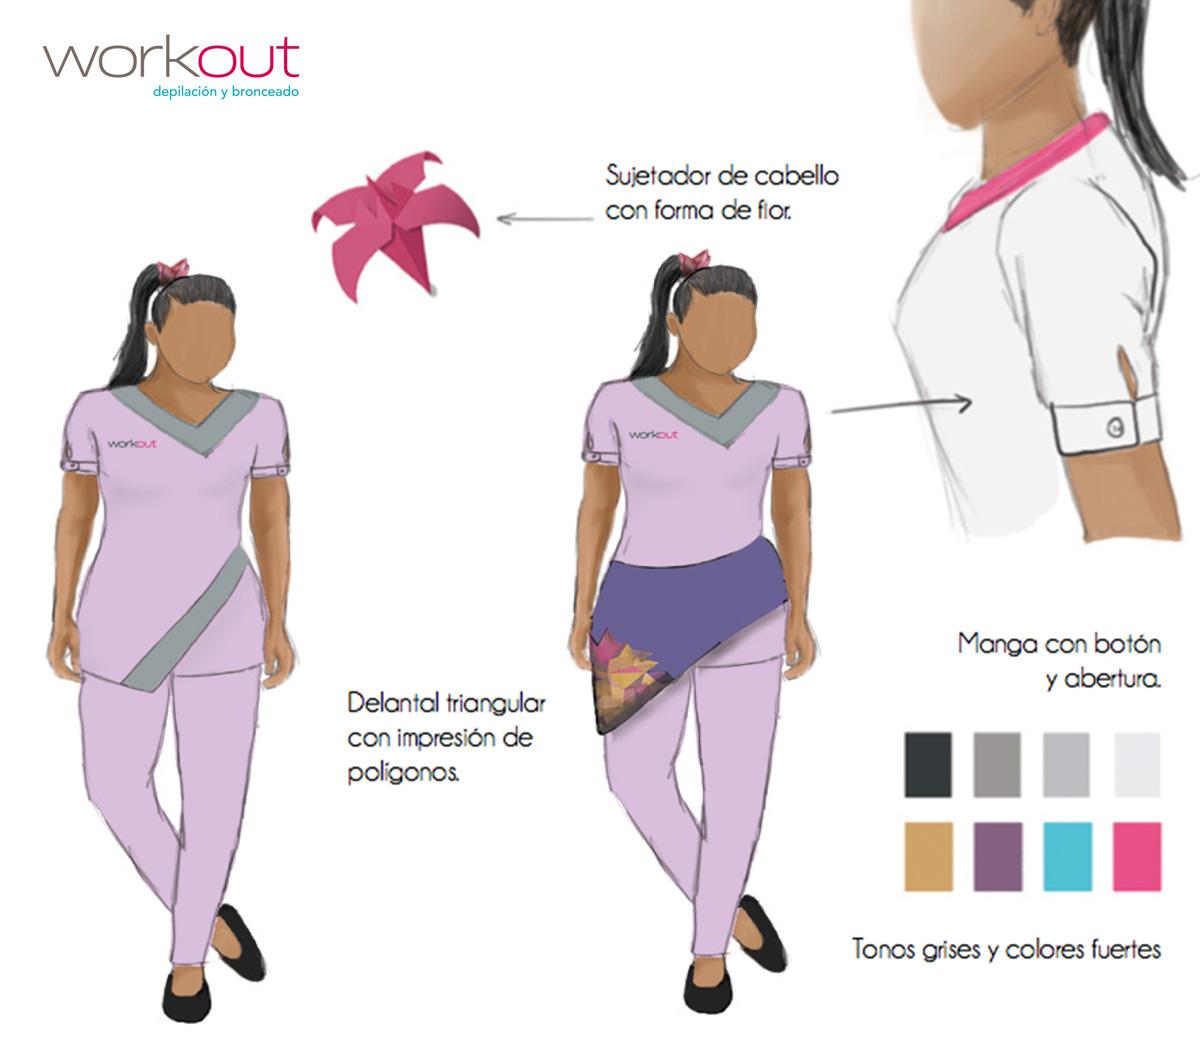 Diseño uniformes Workout, depilacion, bronceado, nueva imagen, rediseño, Web, diseño, oruga, 4studio